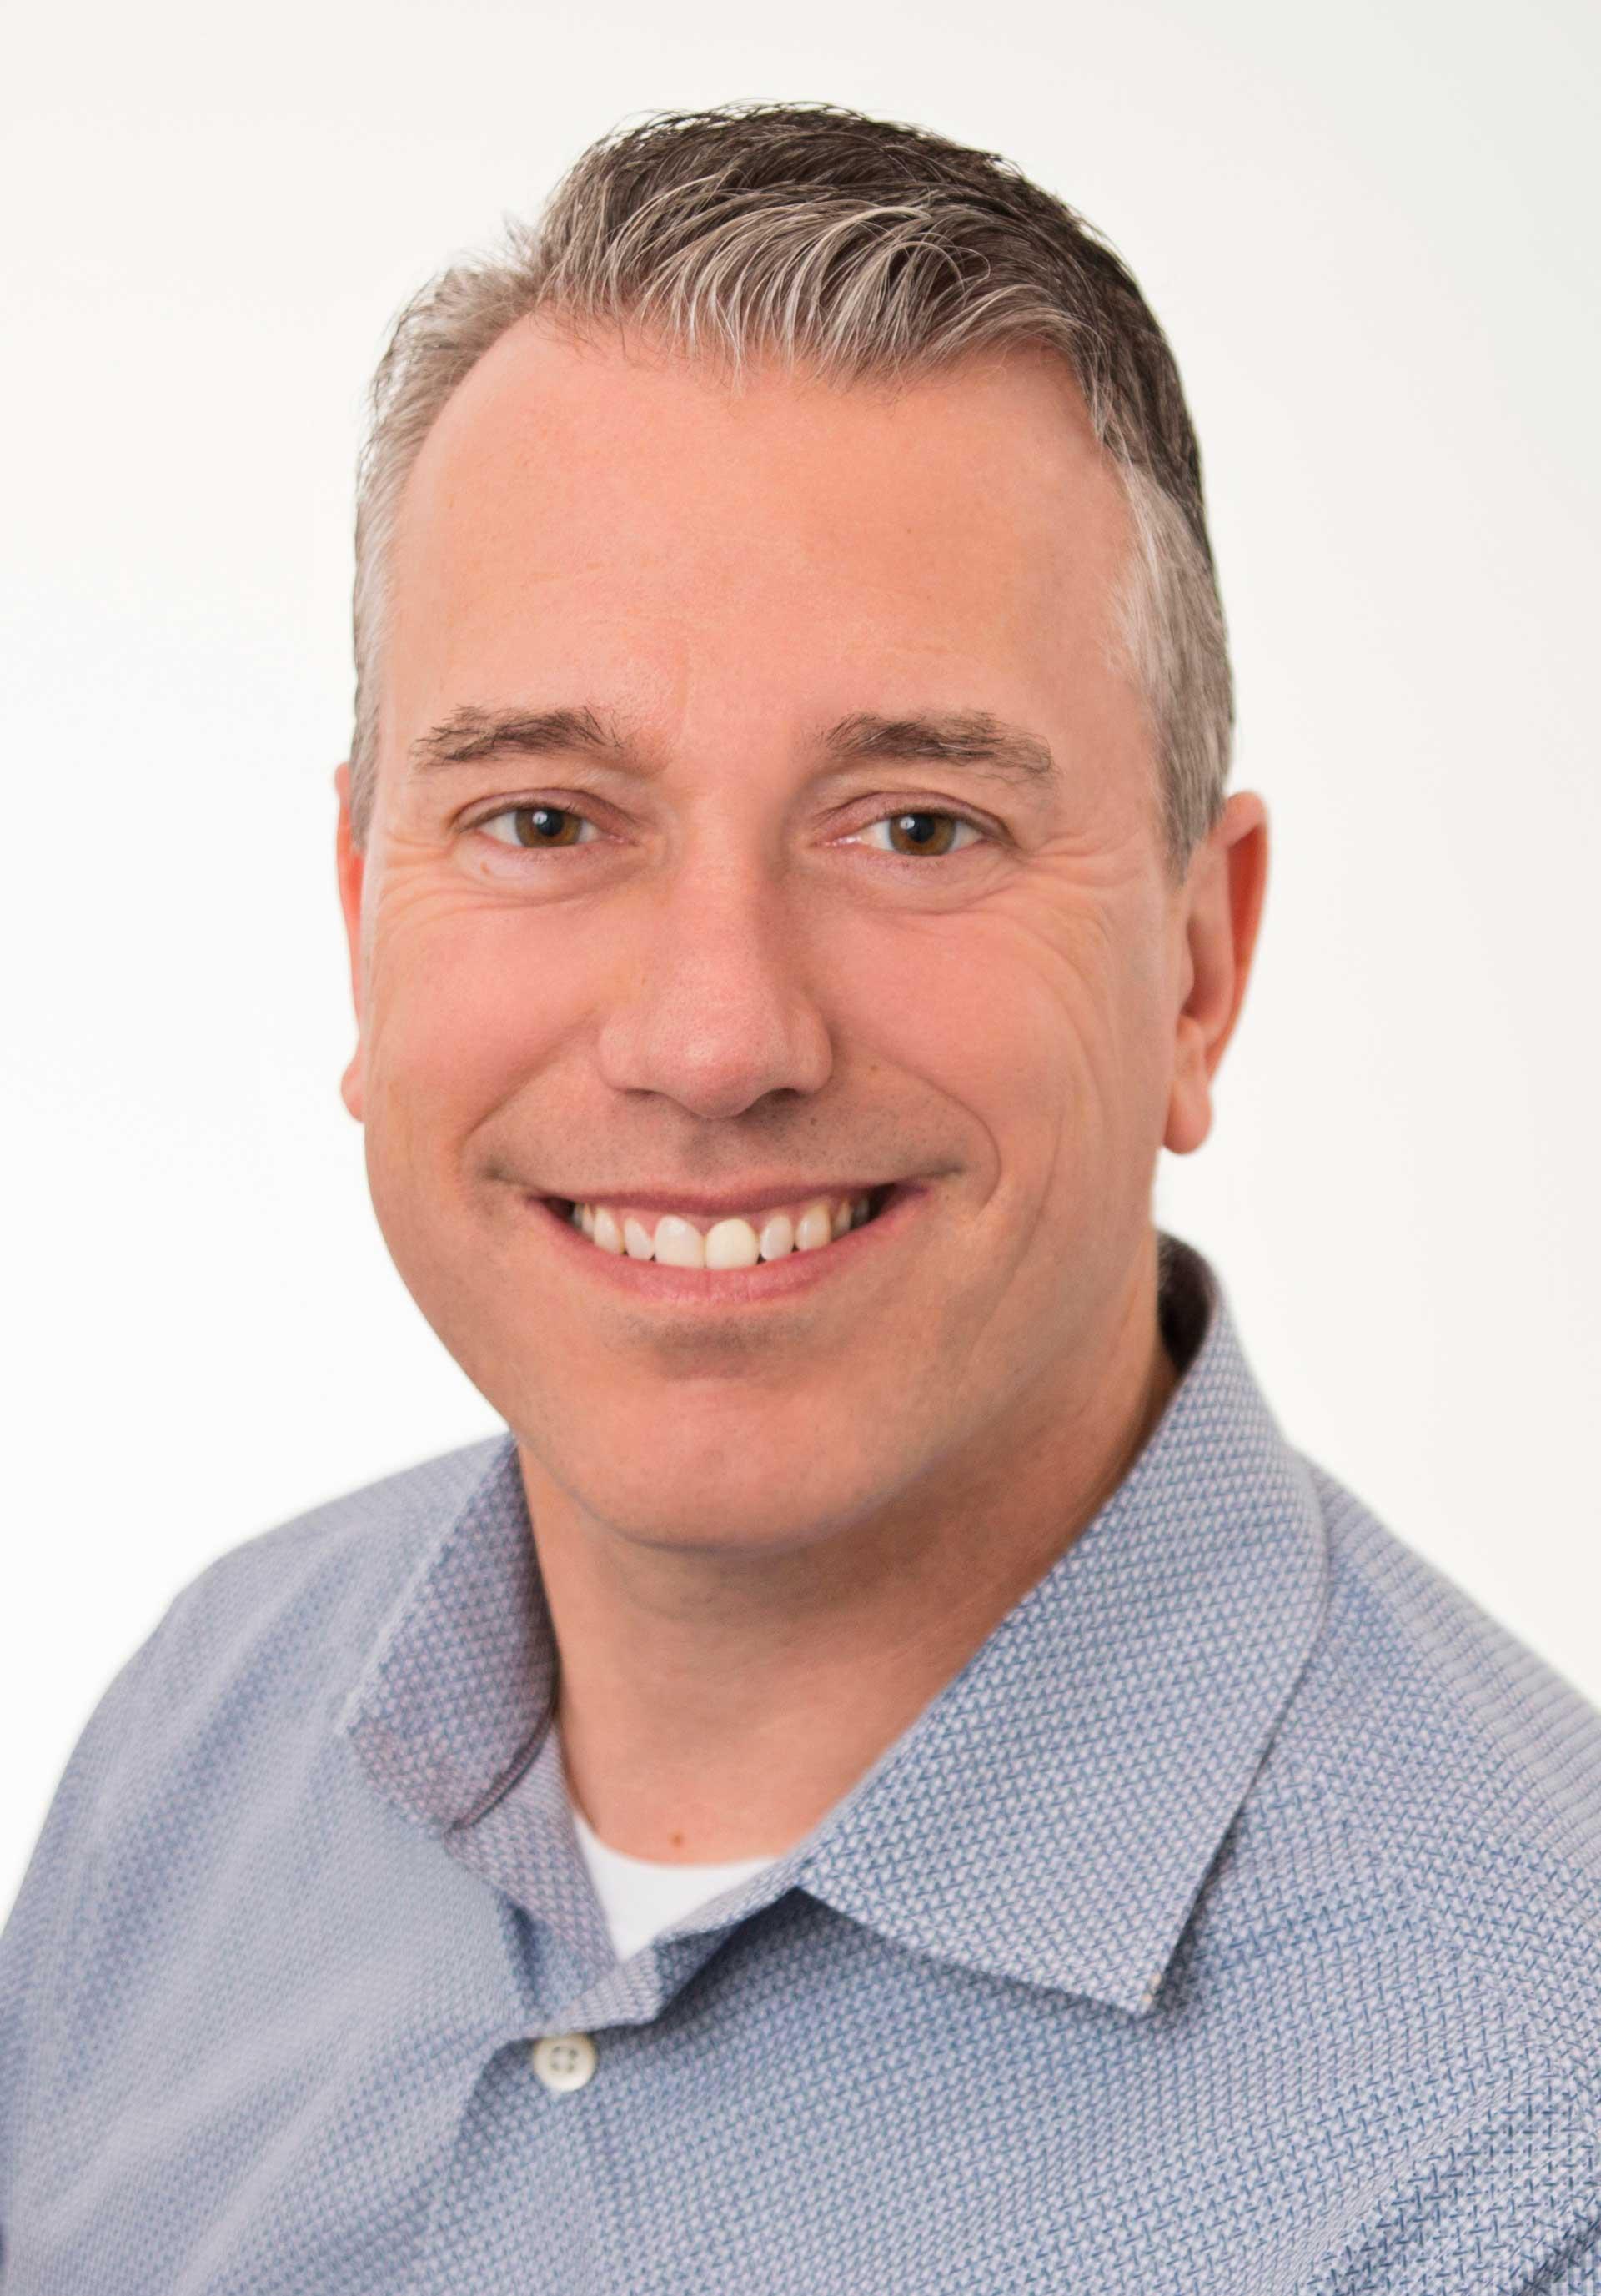 Steve Mitzel